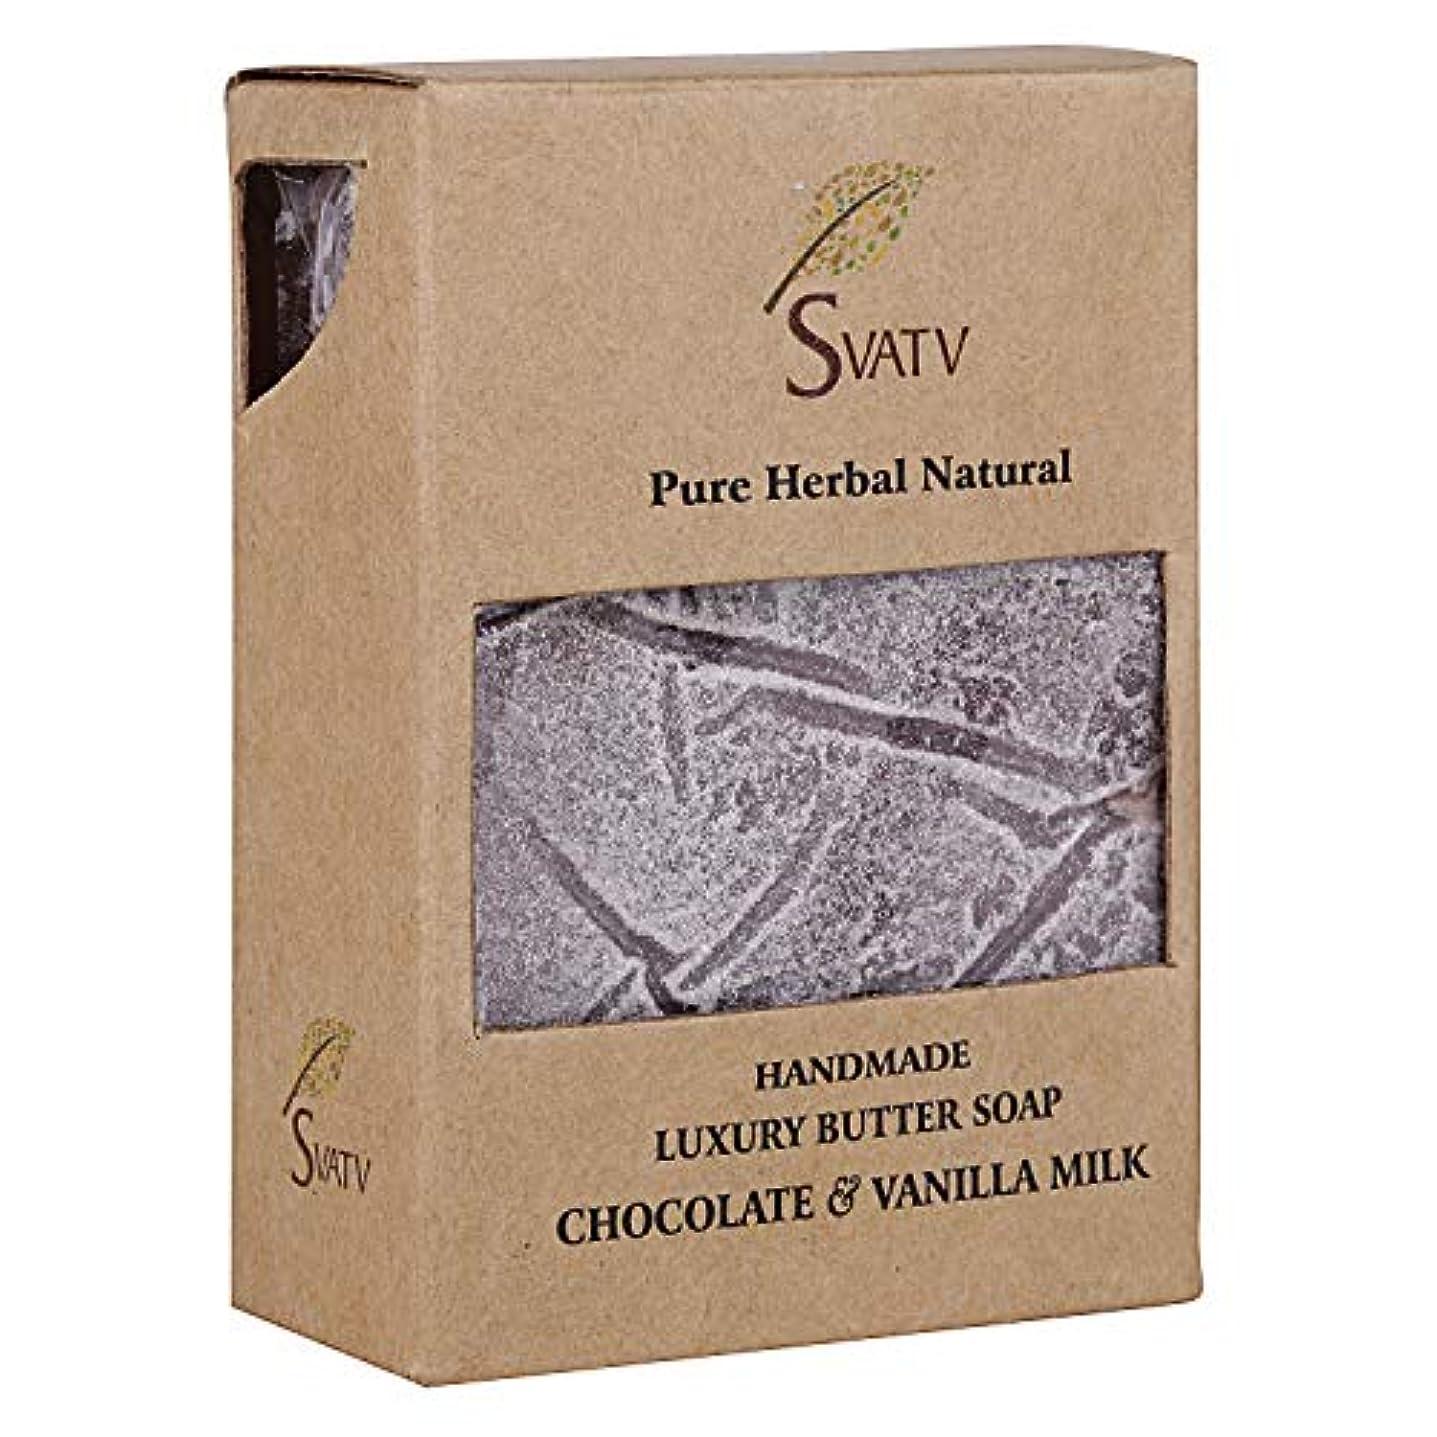 機関車関連付ける大腿SVATV Handmade Luxury Butter Soap Chocolate & Vanilla Milk For All Skin types 100g Bar